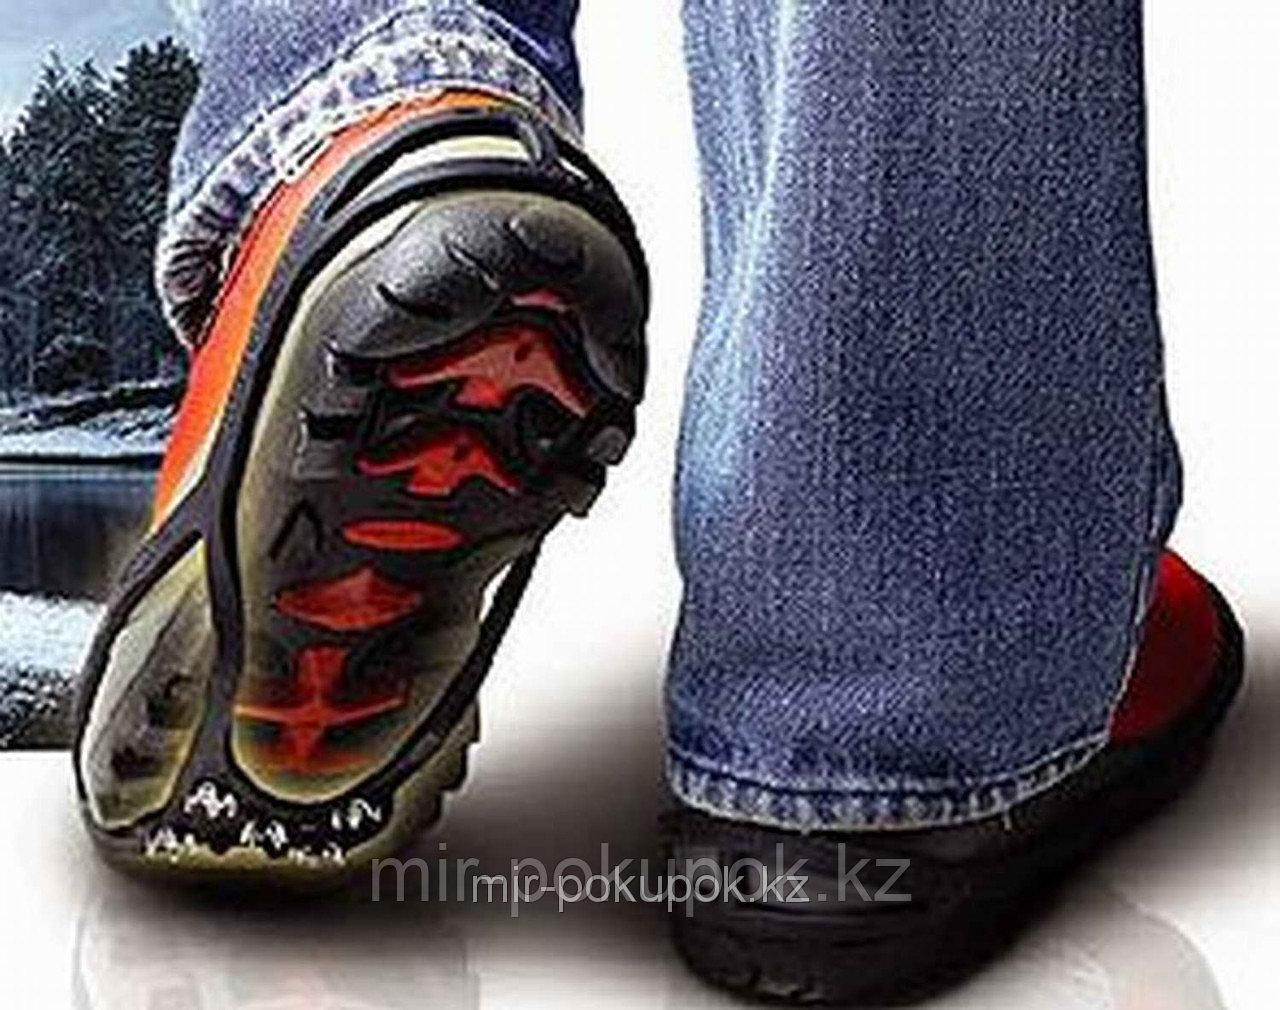 Шипы для мужской обуви в период гололеда (ледоступы) Magic Spiker 39-42 размер, Алматы